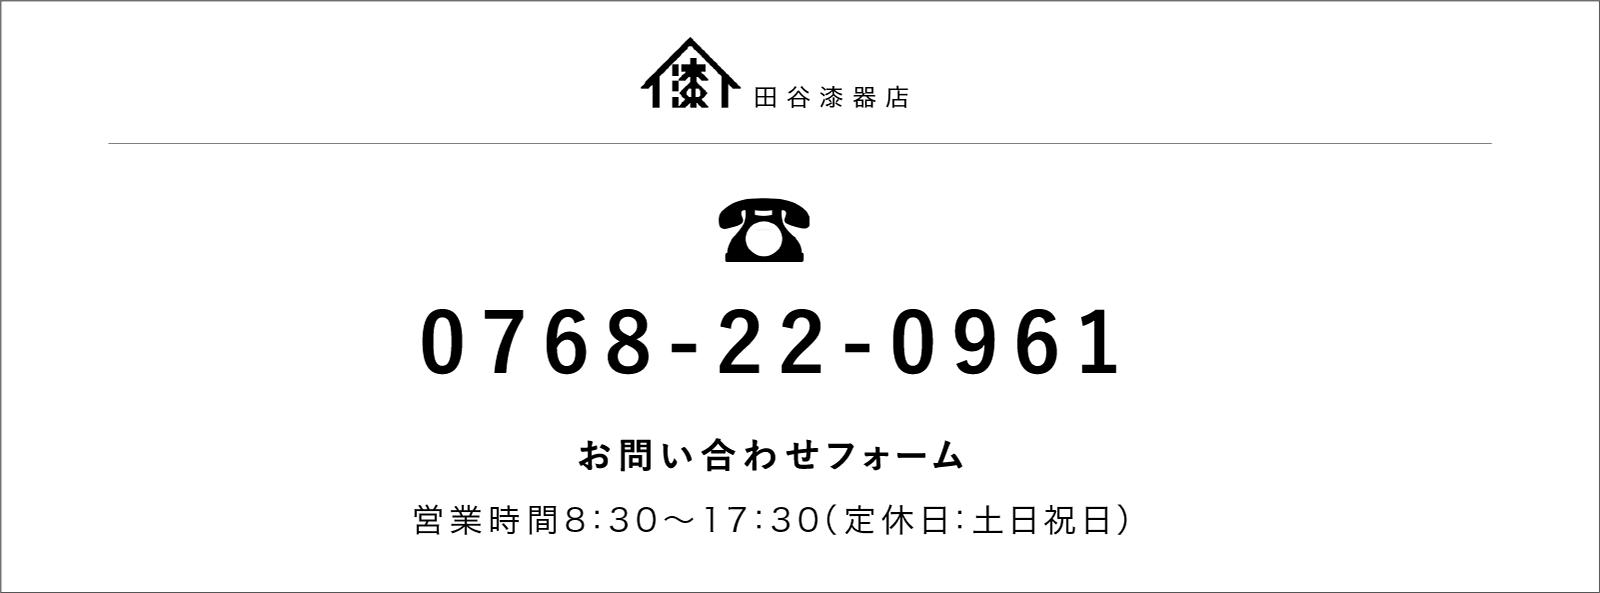 田谷漆器店連絡先:0768-22-0961